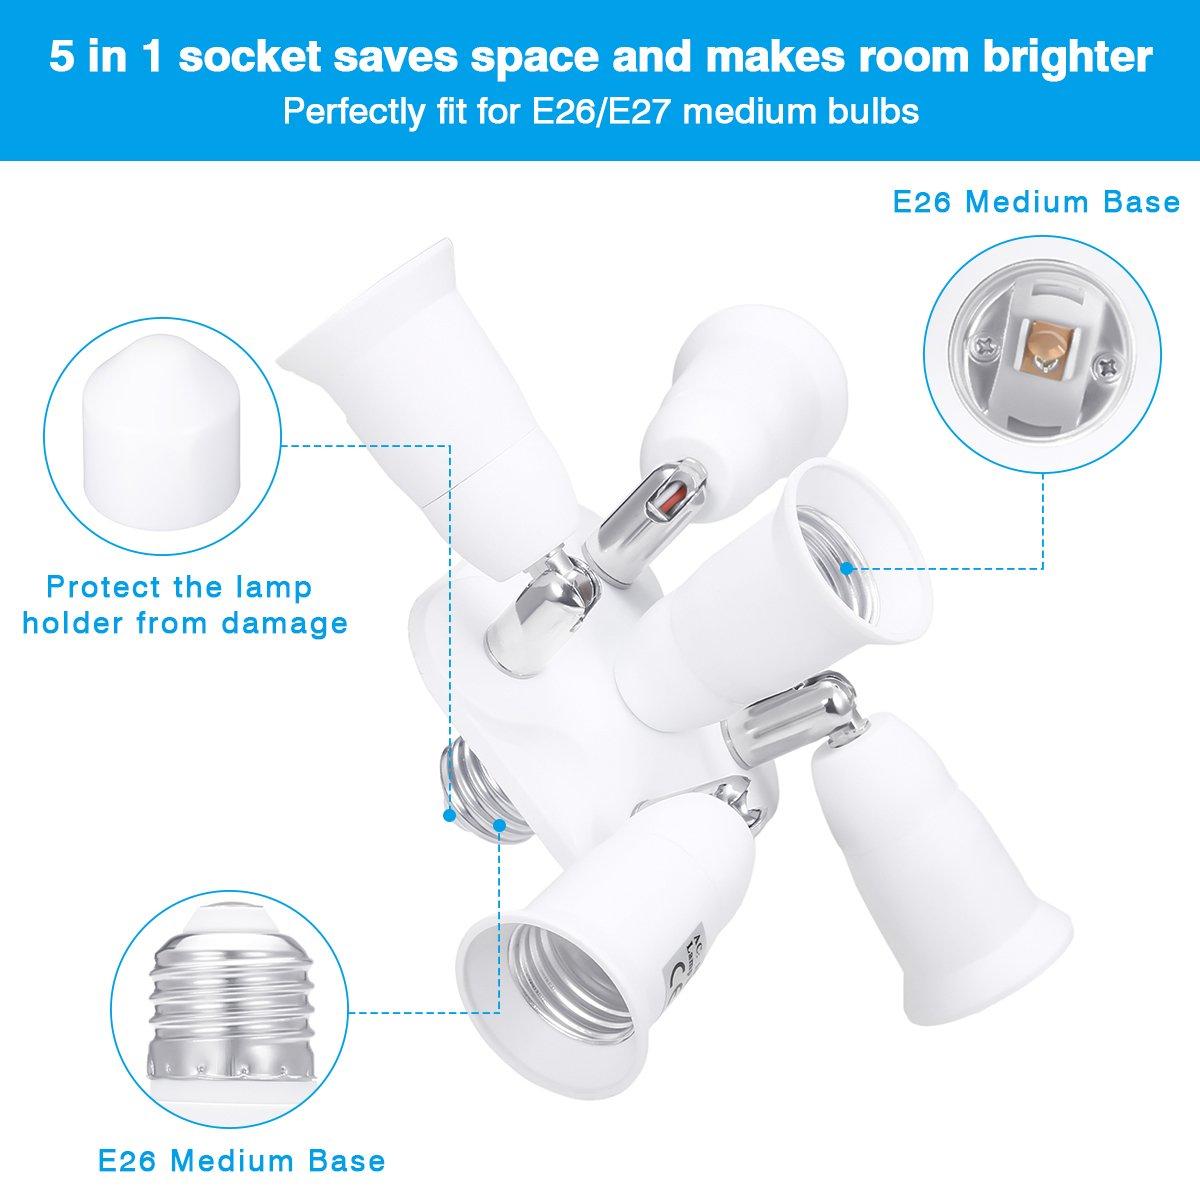 5 in 1 Light Socket Adapter KINGSO E26/E27 Splitter for Standard LED Bulbs Converter with 360 Degrees Adjustable 180 Degree Bending 110-240V 200℃ Heat Resistant No Fire Hazard by KINGSO (Image #4)